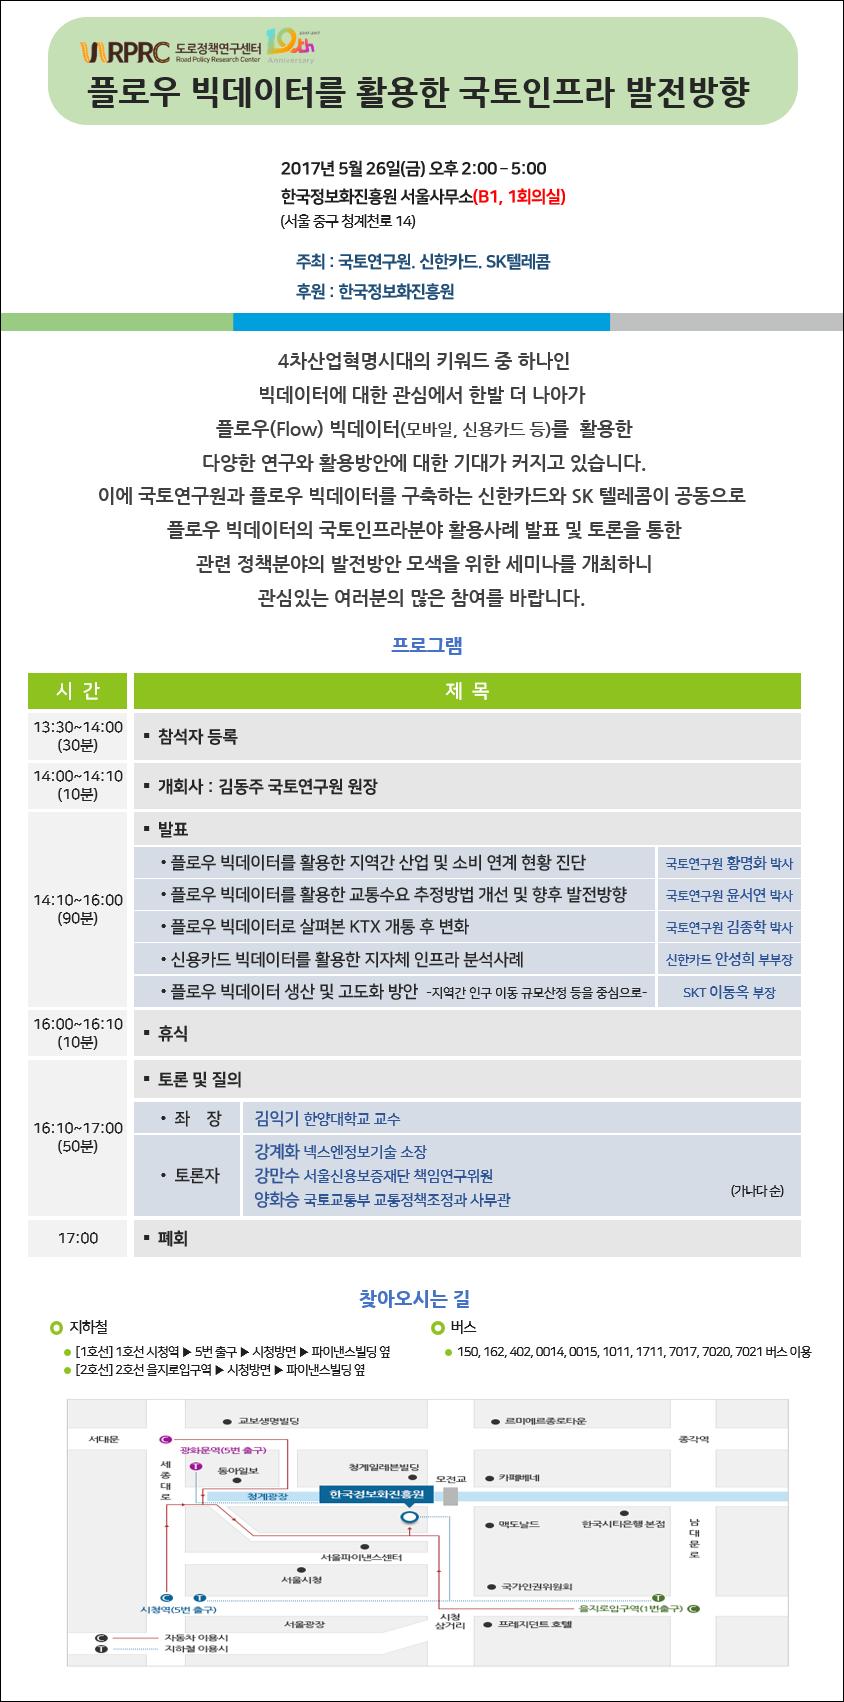 플로우 빅데이터 세미나 초청장(170526).png